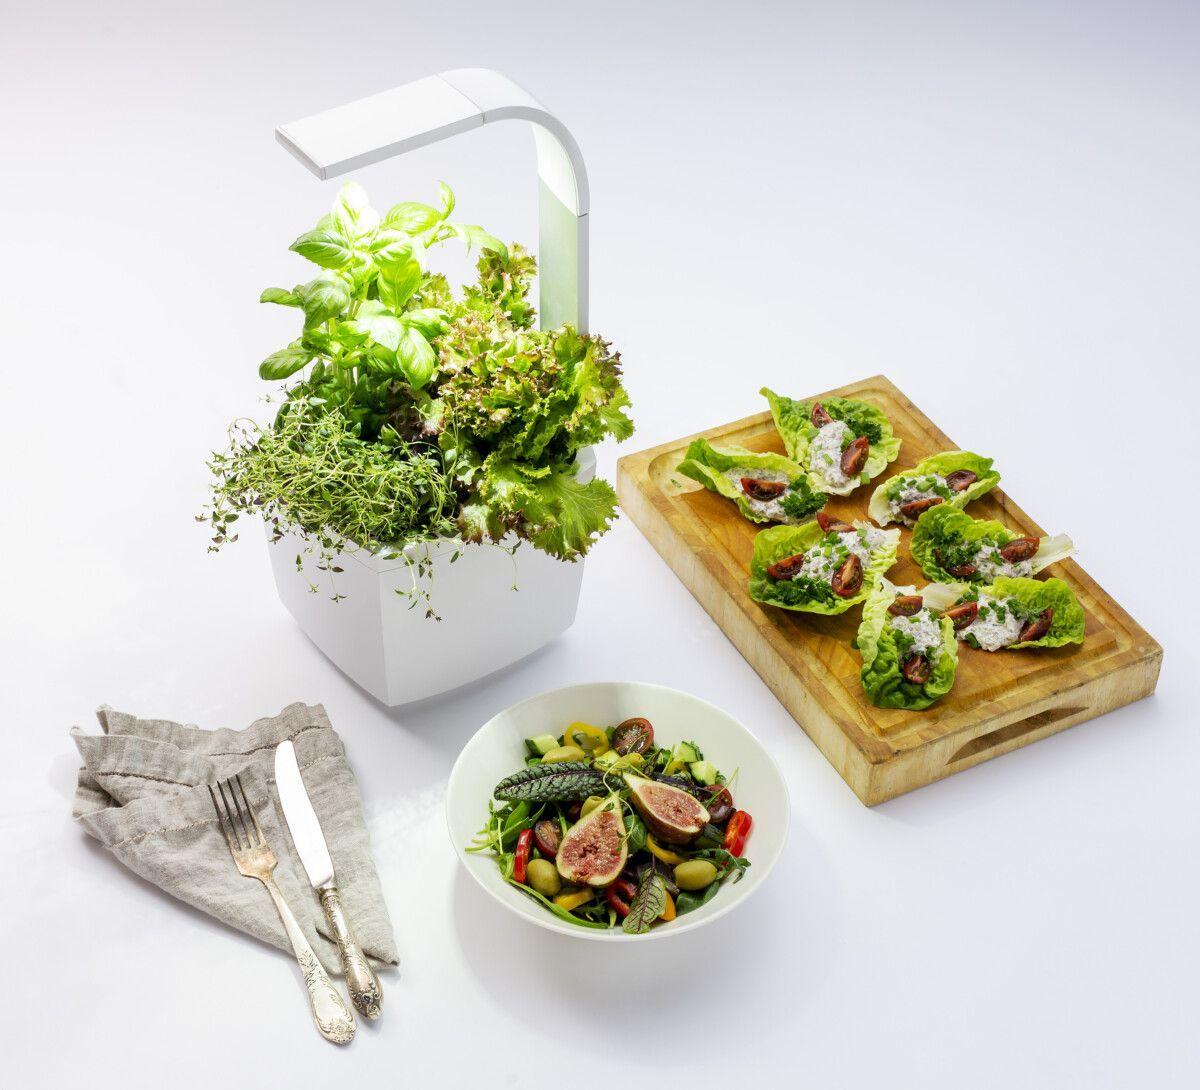 Tregren Pametni vrt za avtomatizirano gojenje zelenjave in začimb